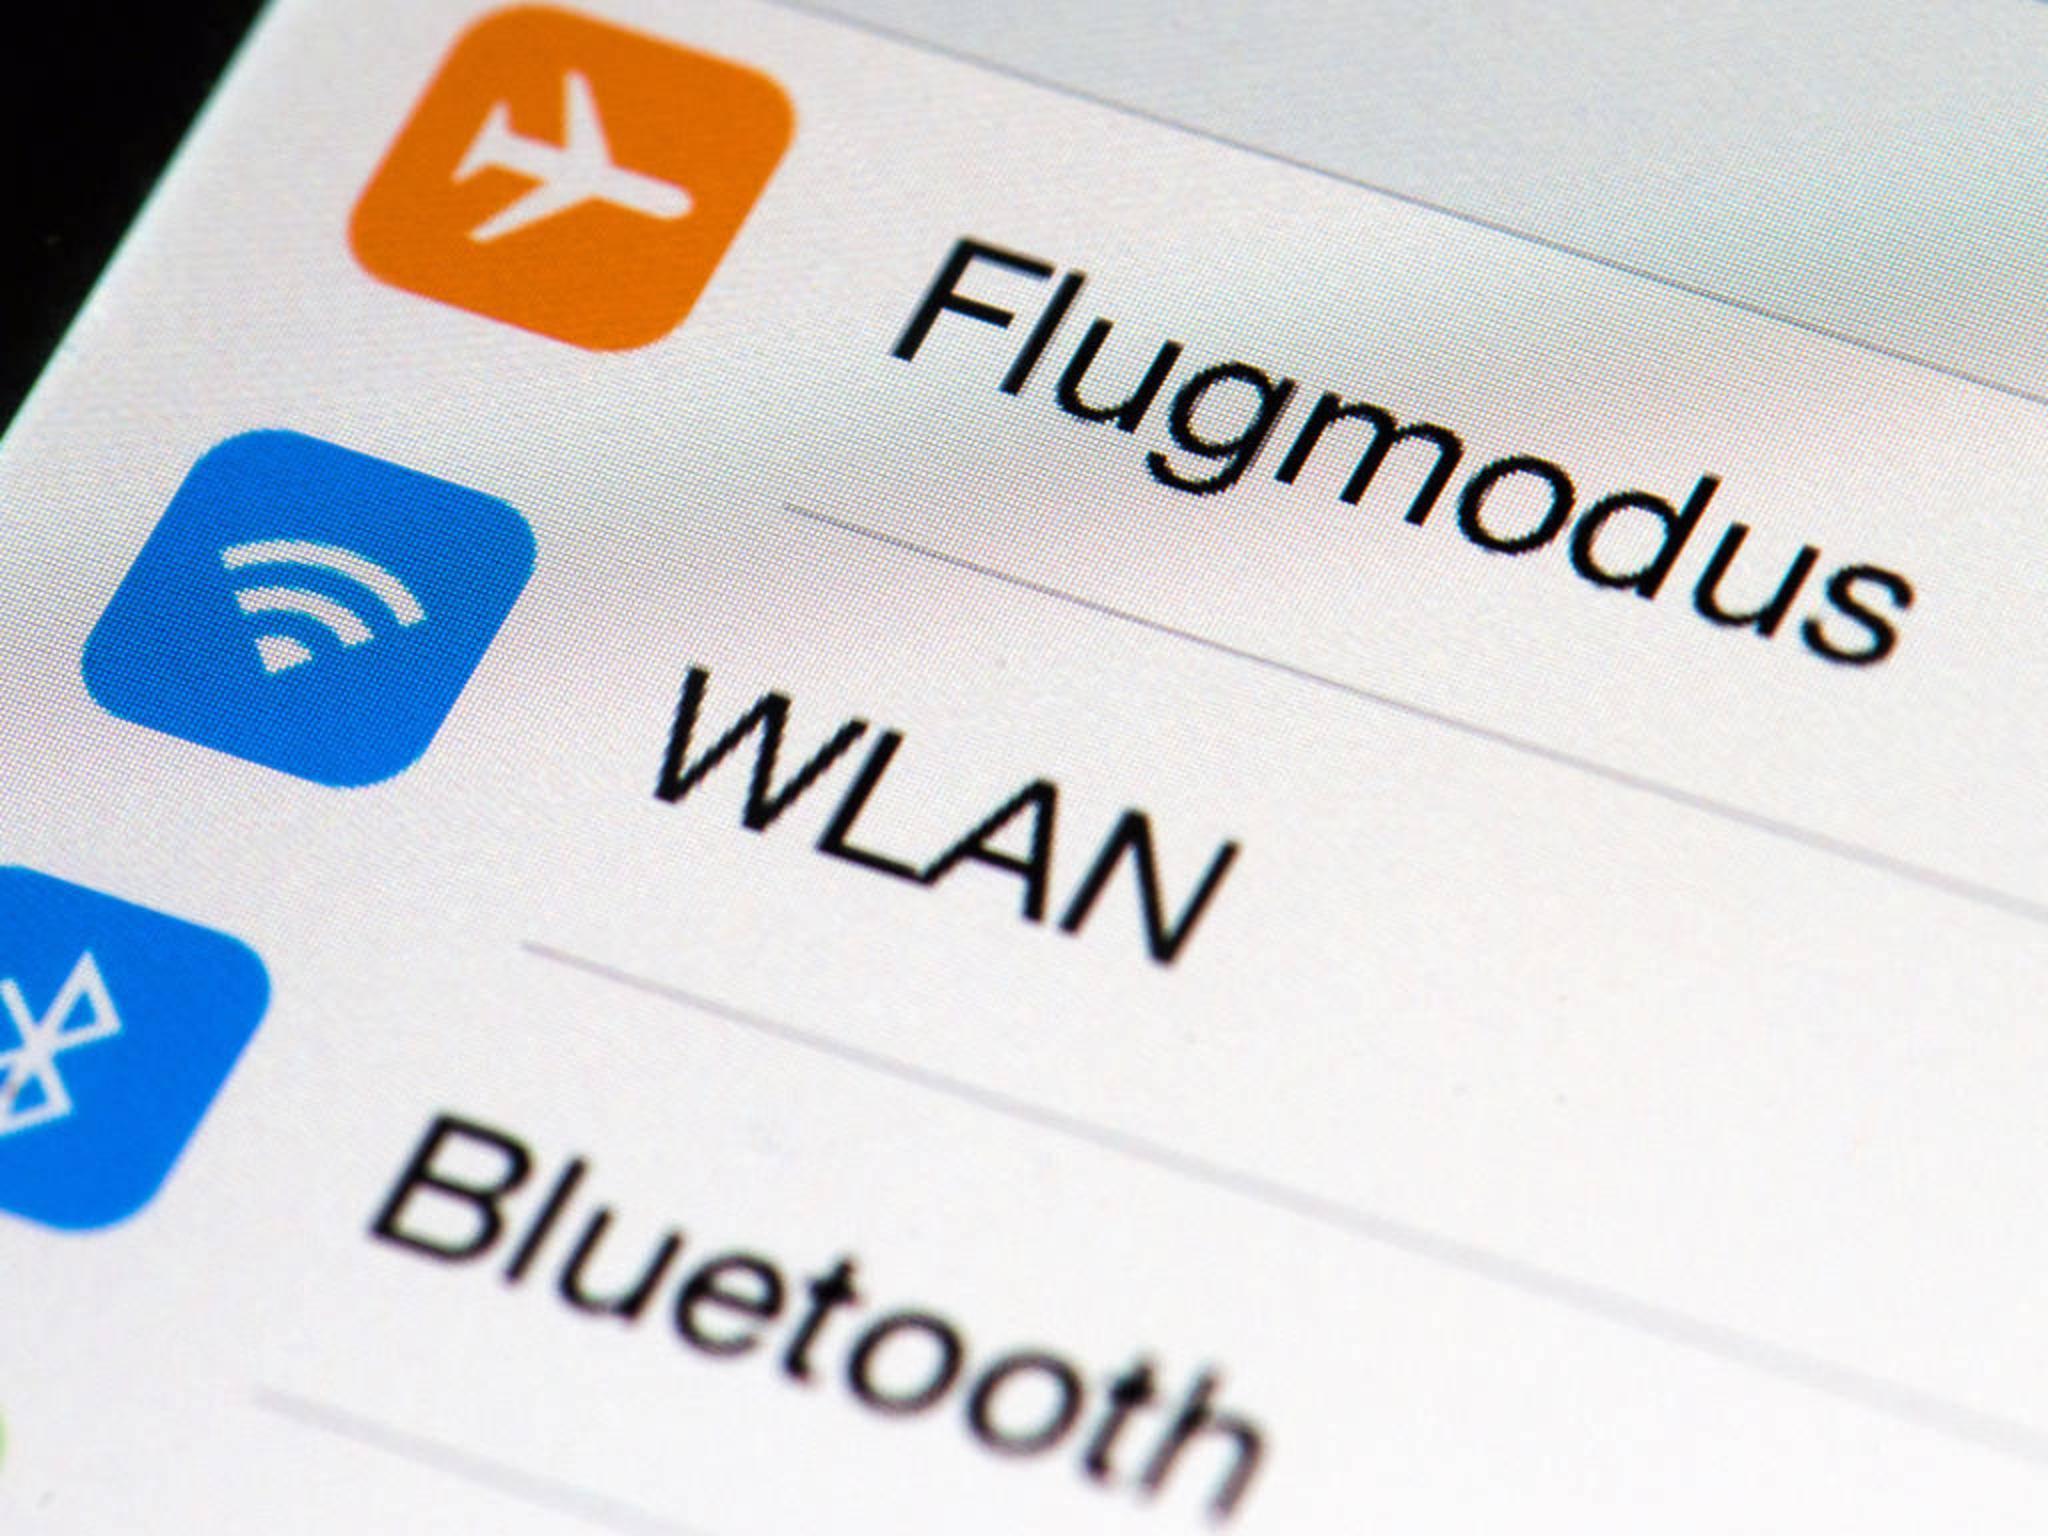 Besonders die WLAN- und Bluetooth-Verbindung können von iOS 9-Fehlern betroffen sein.